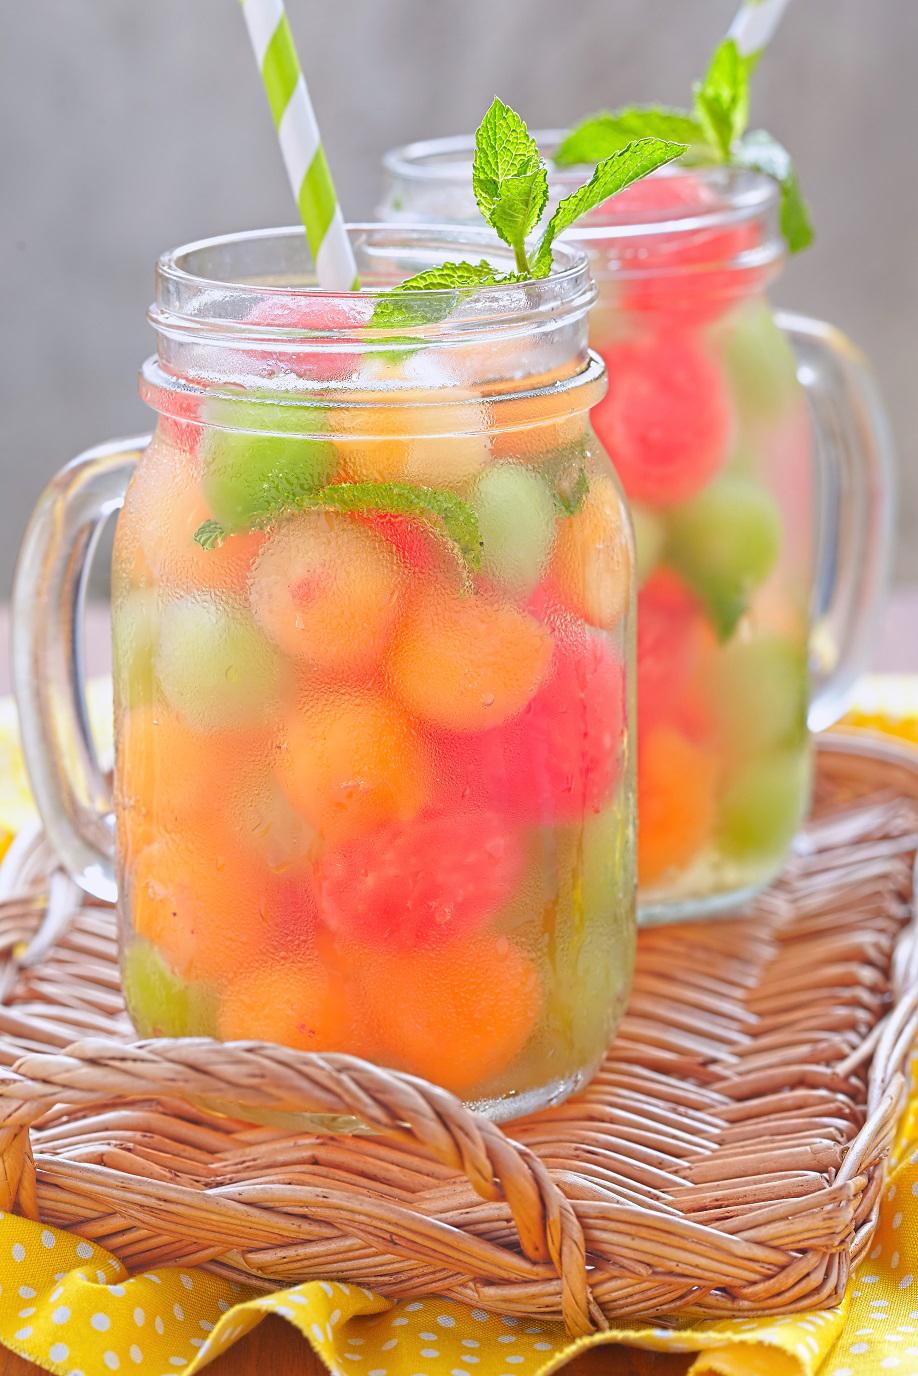 Acqua aromatizzata, Ricette estive, Cocktail, Estate, Ricette